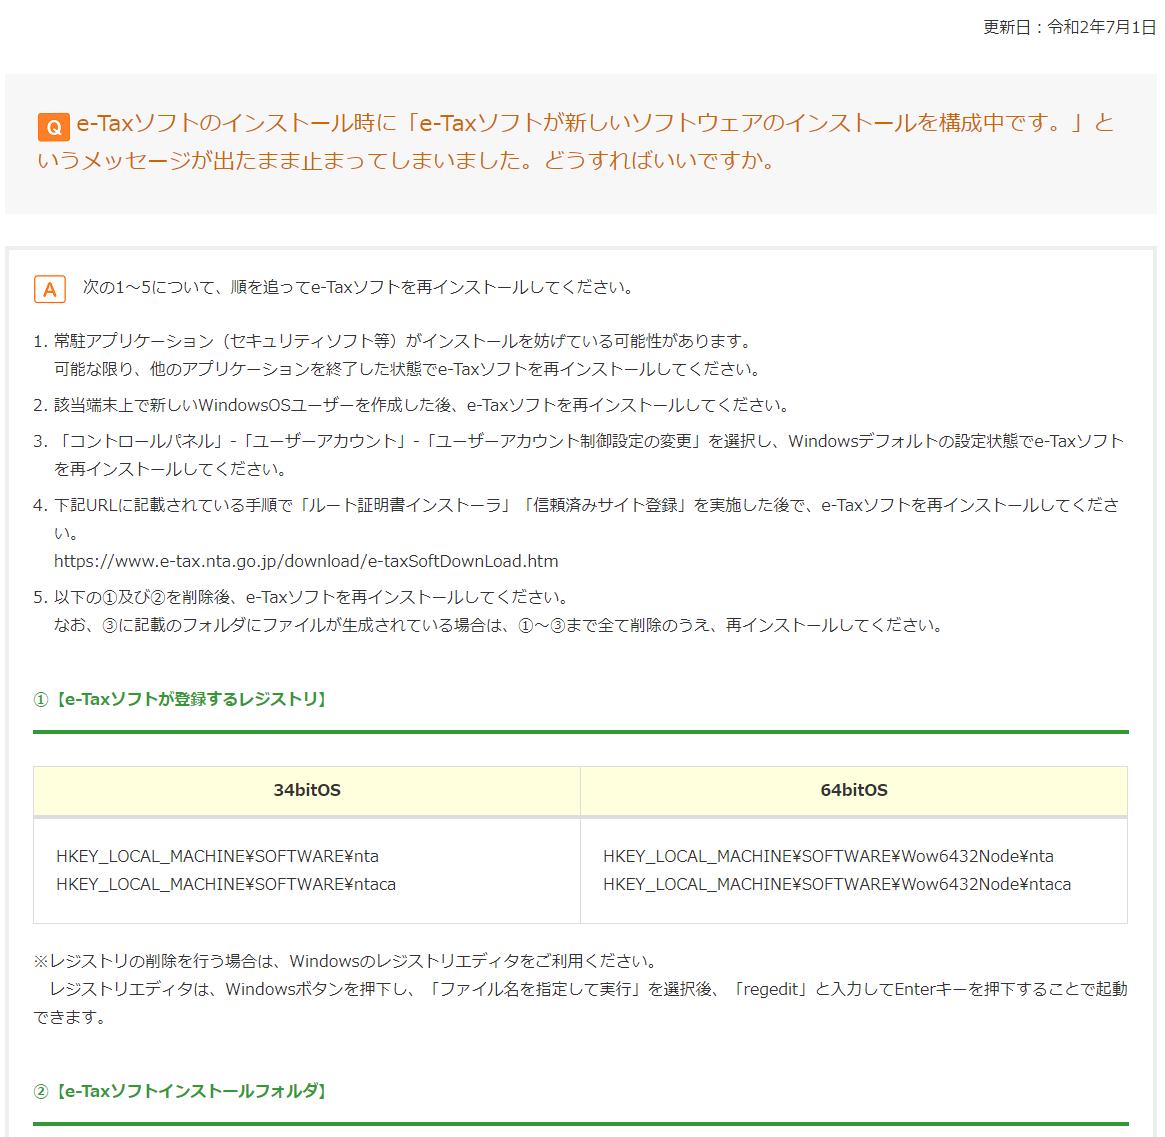 f:id:sasamatsu:20210215165435p:plain